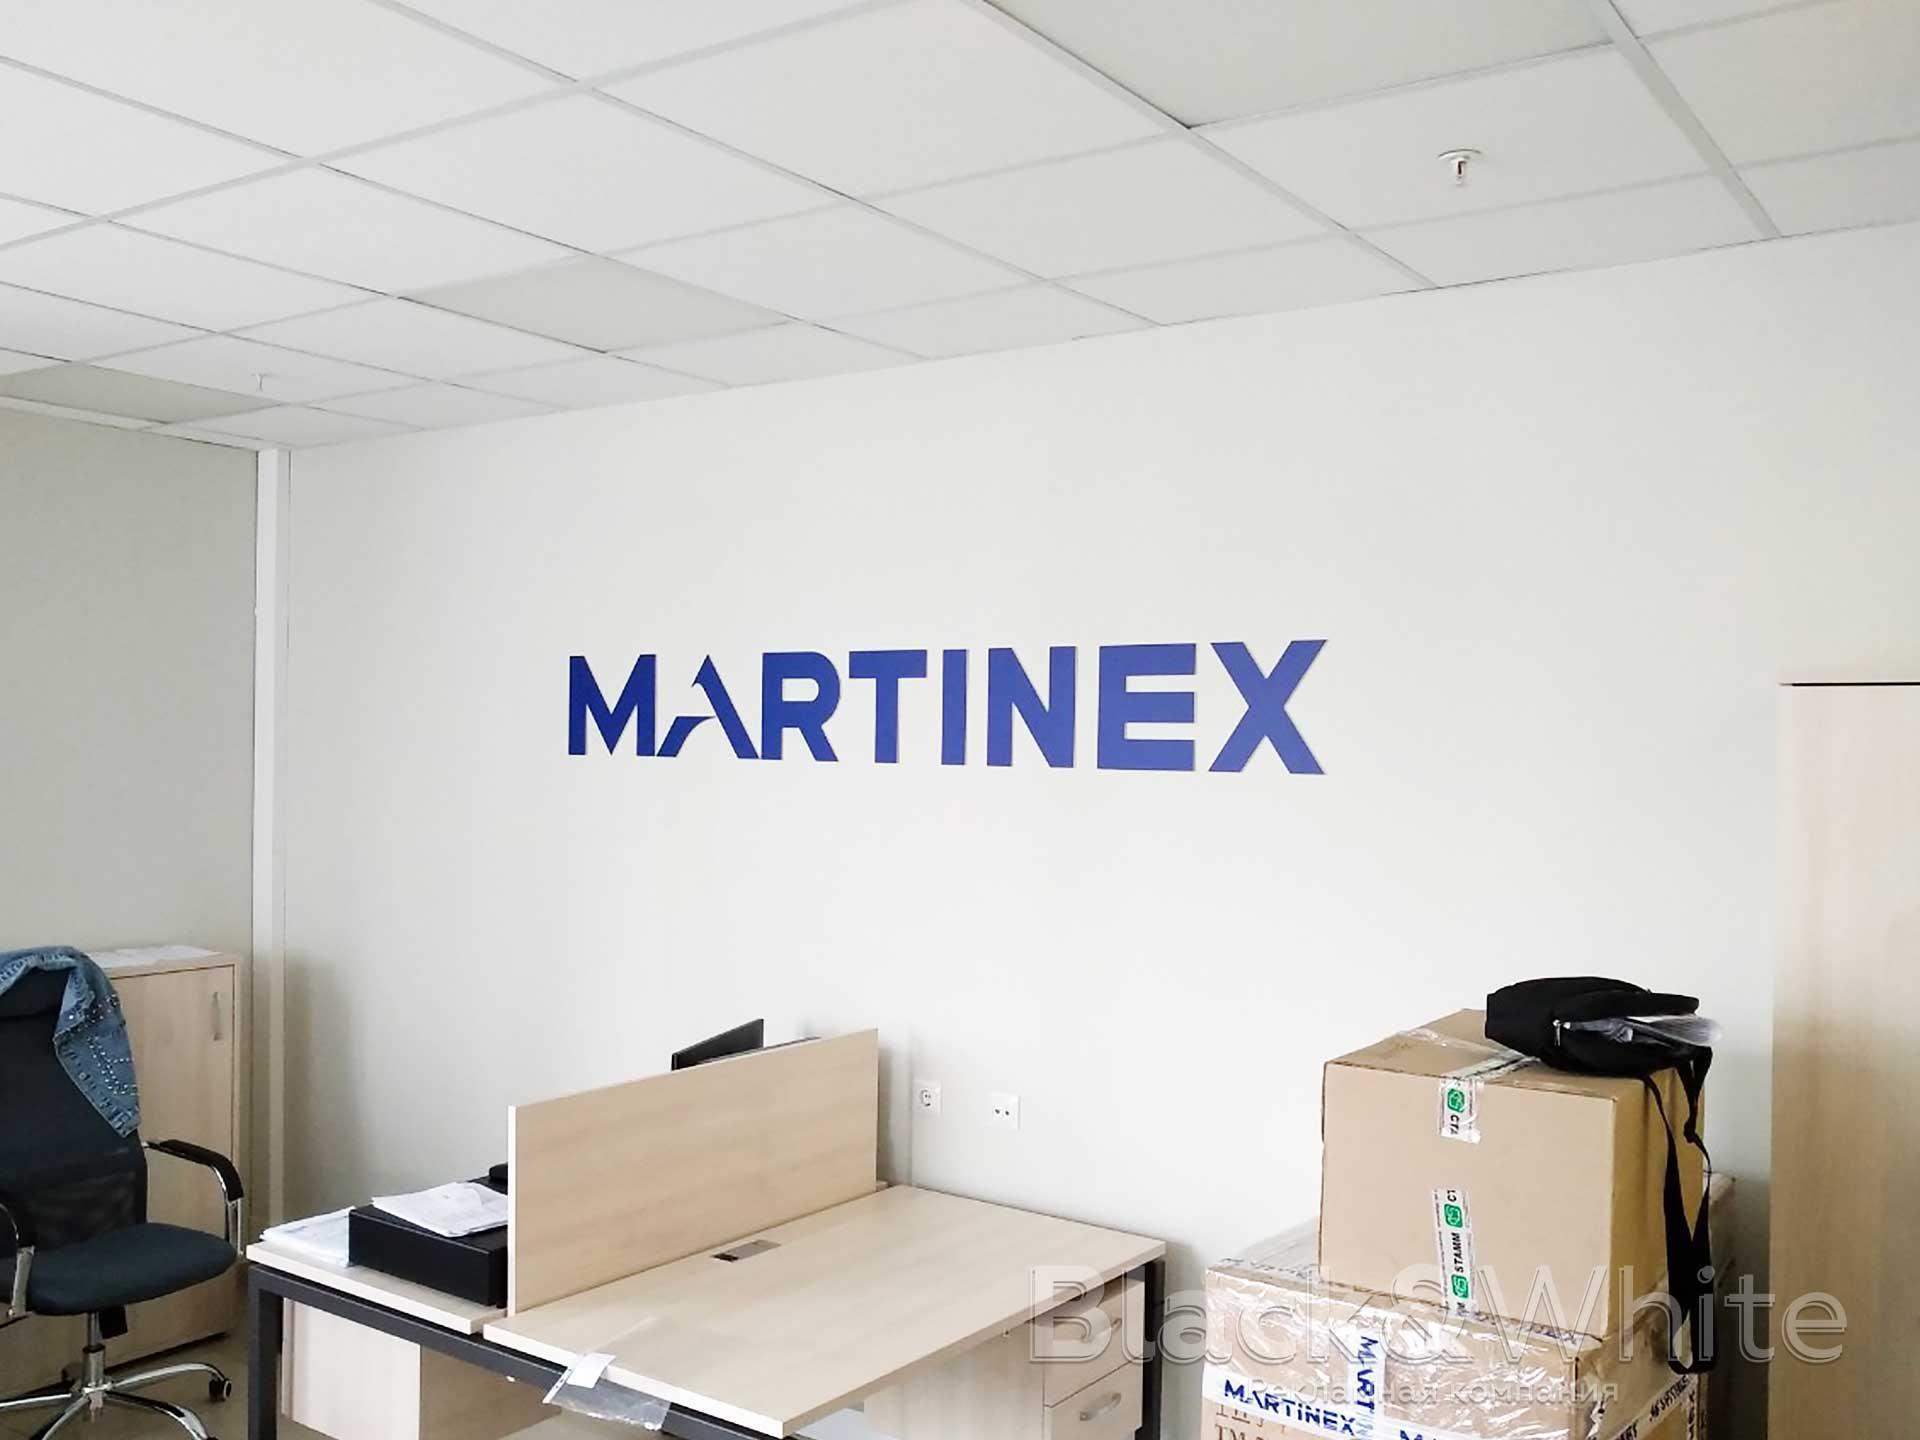 Брендирование-стены-логотипом-плоскими-буквами.jpg